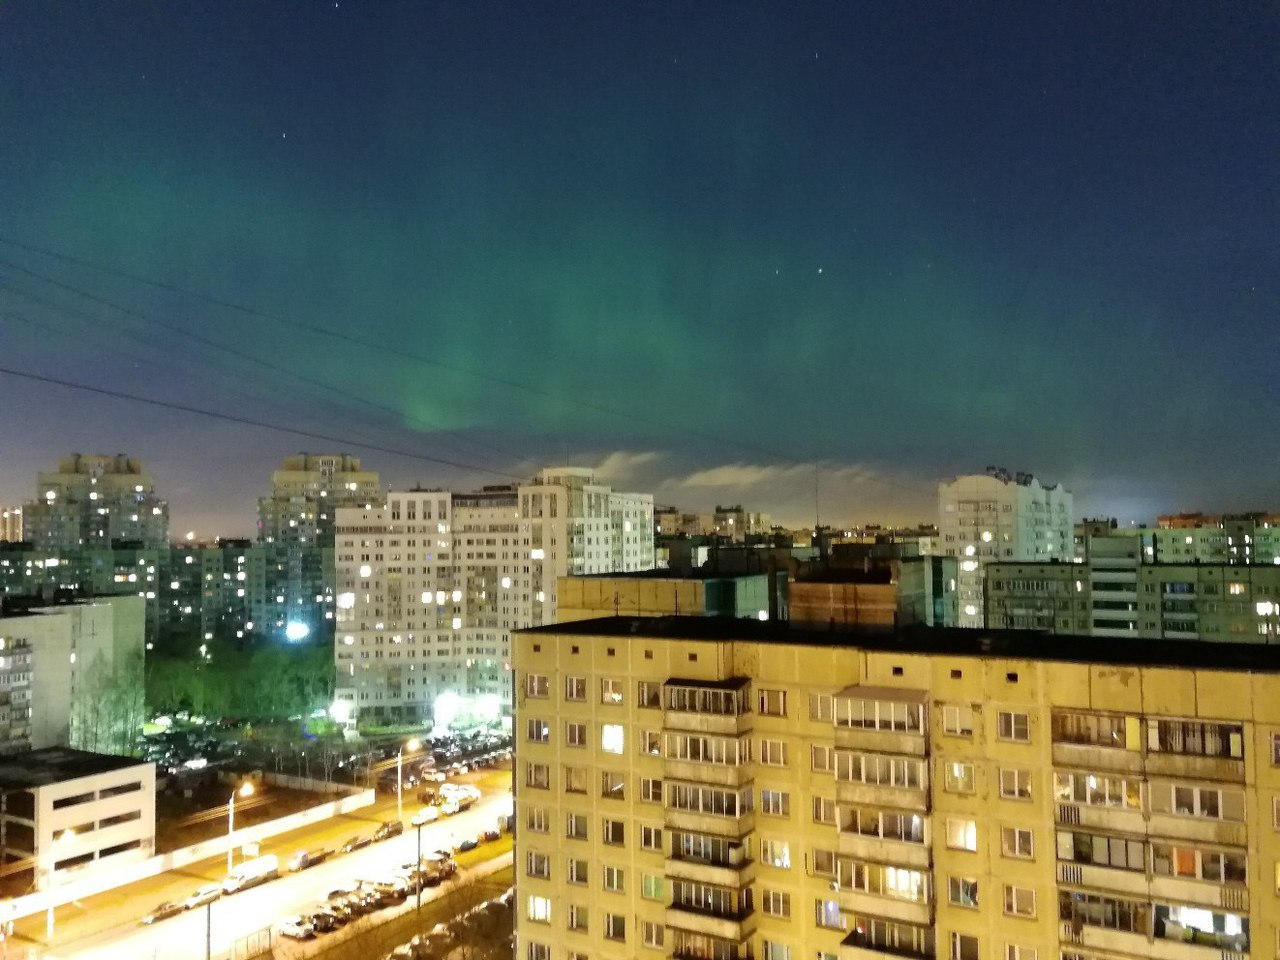 Над Петербургом 7ноября наблюдали яркое полярное сияние